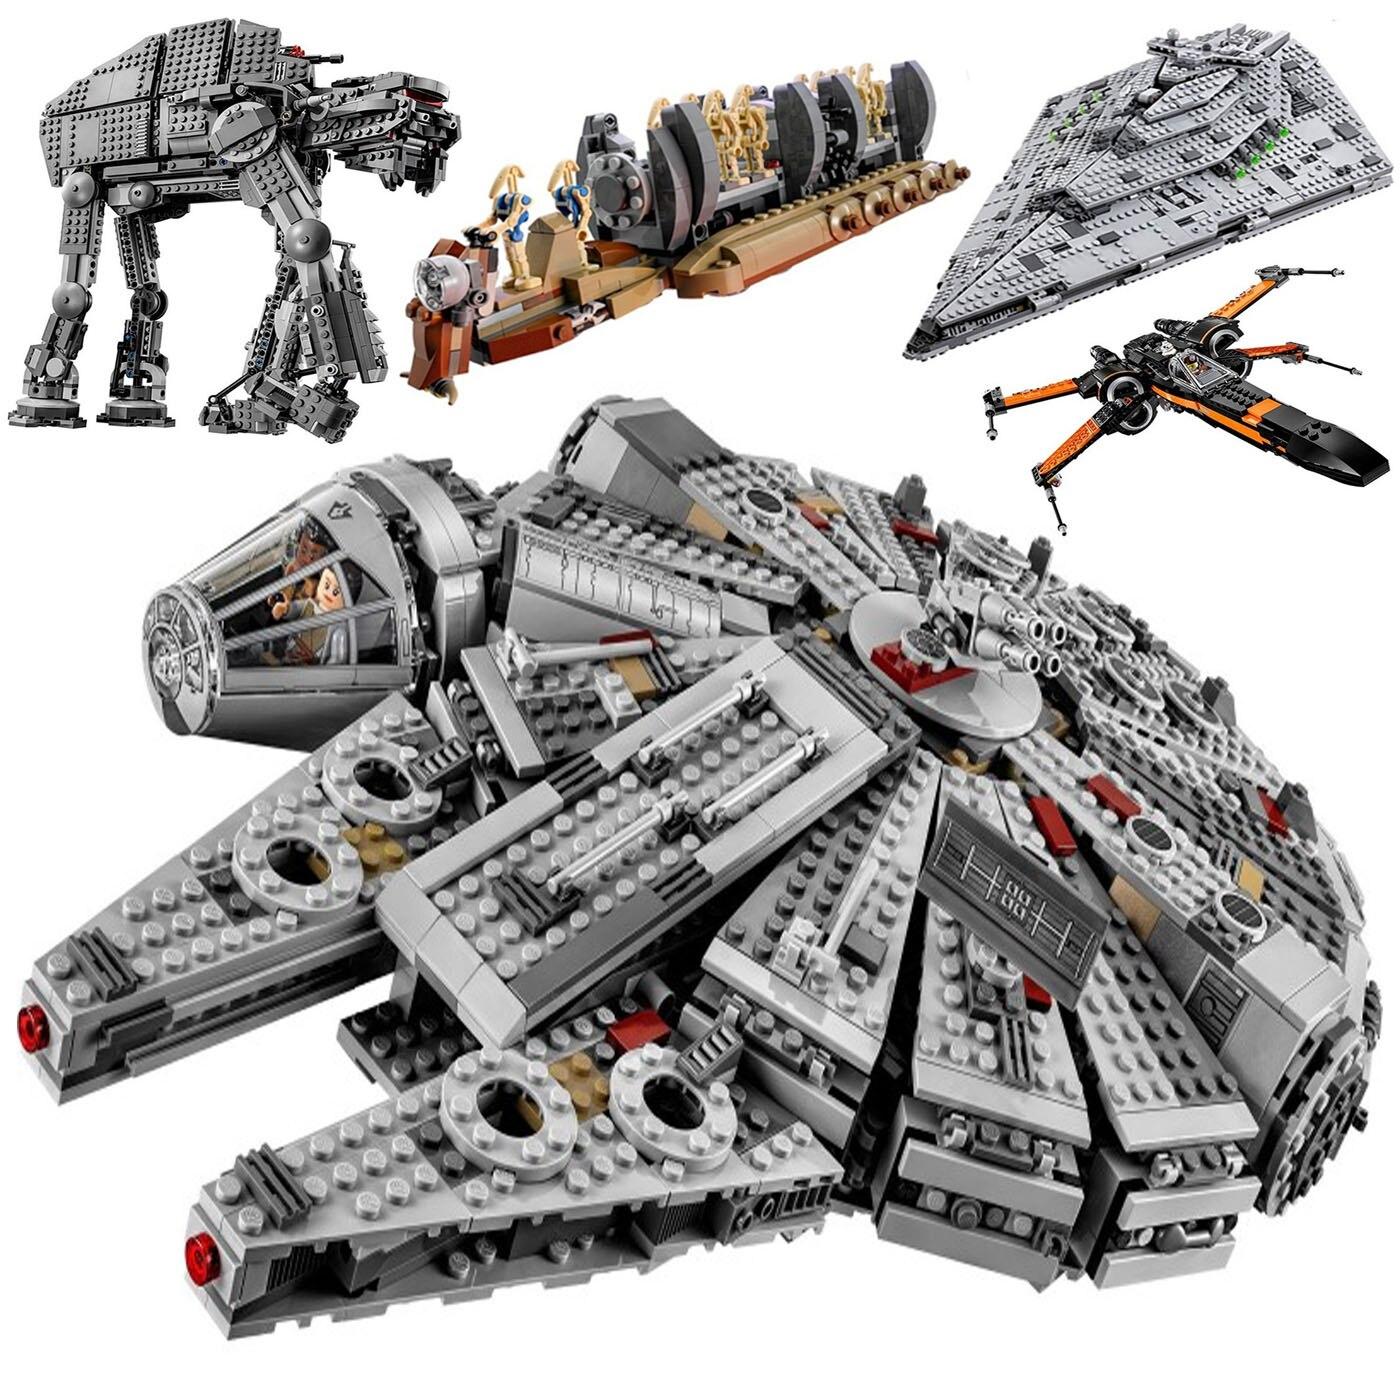 Nouvelle Star Tie Fighter microfighter Wars la montée de Skywalker avec des blocs de construction lepinblock StarWars 75257 jouets pour enfants